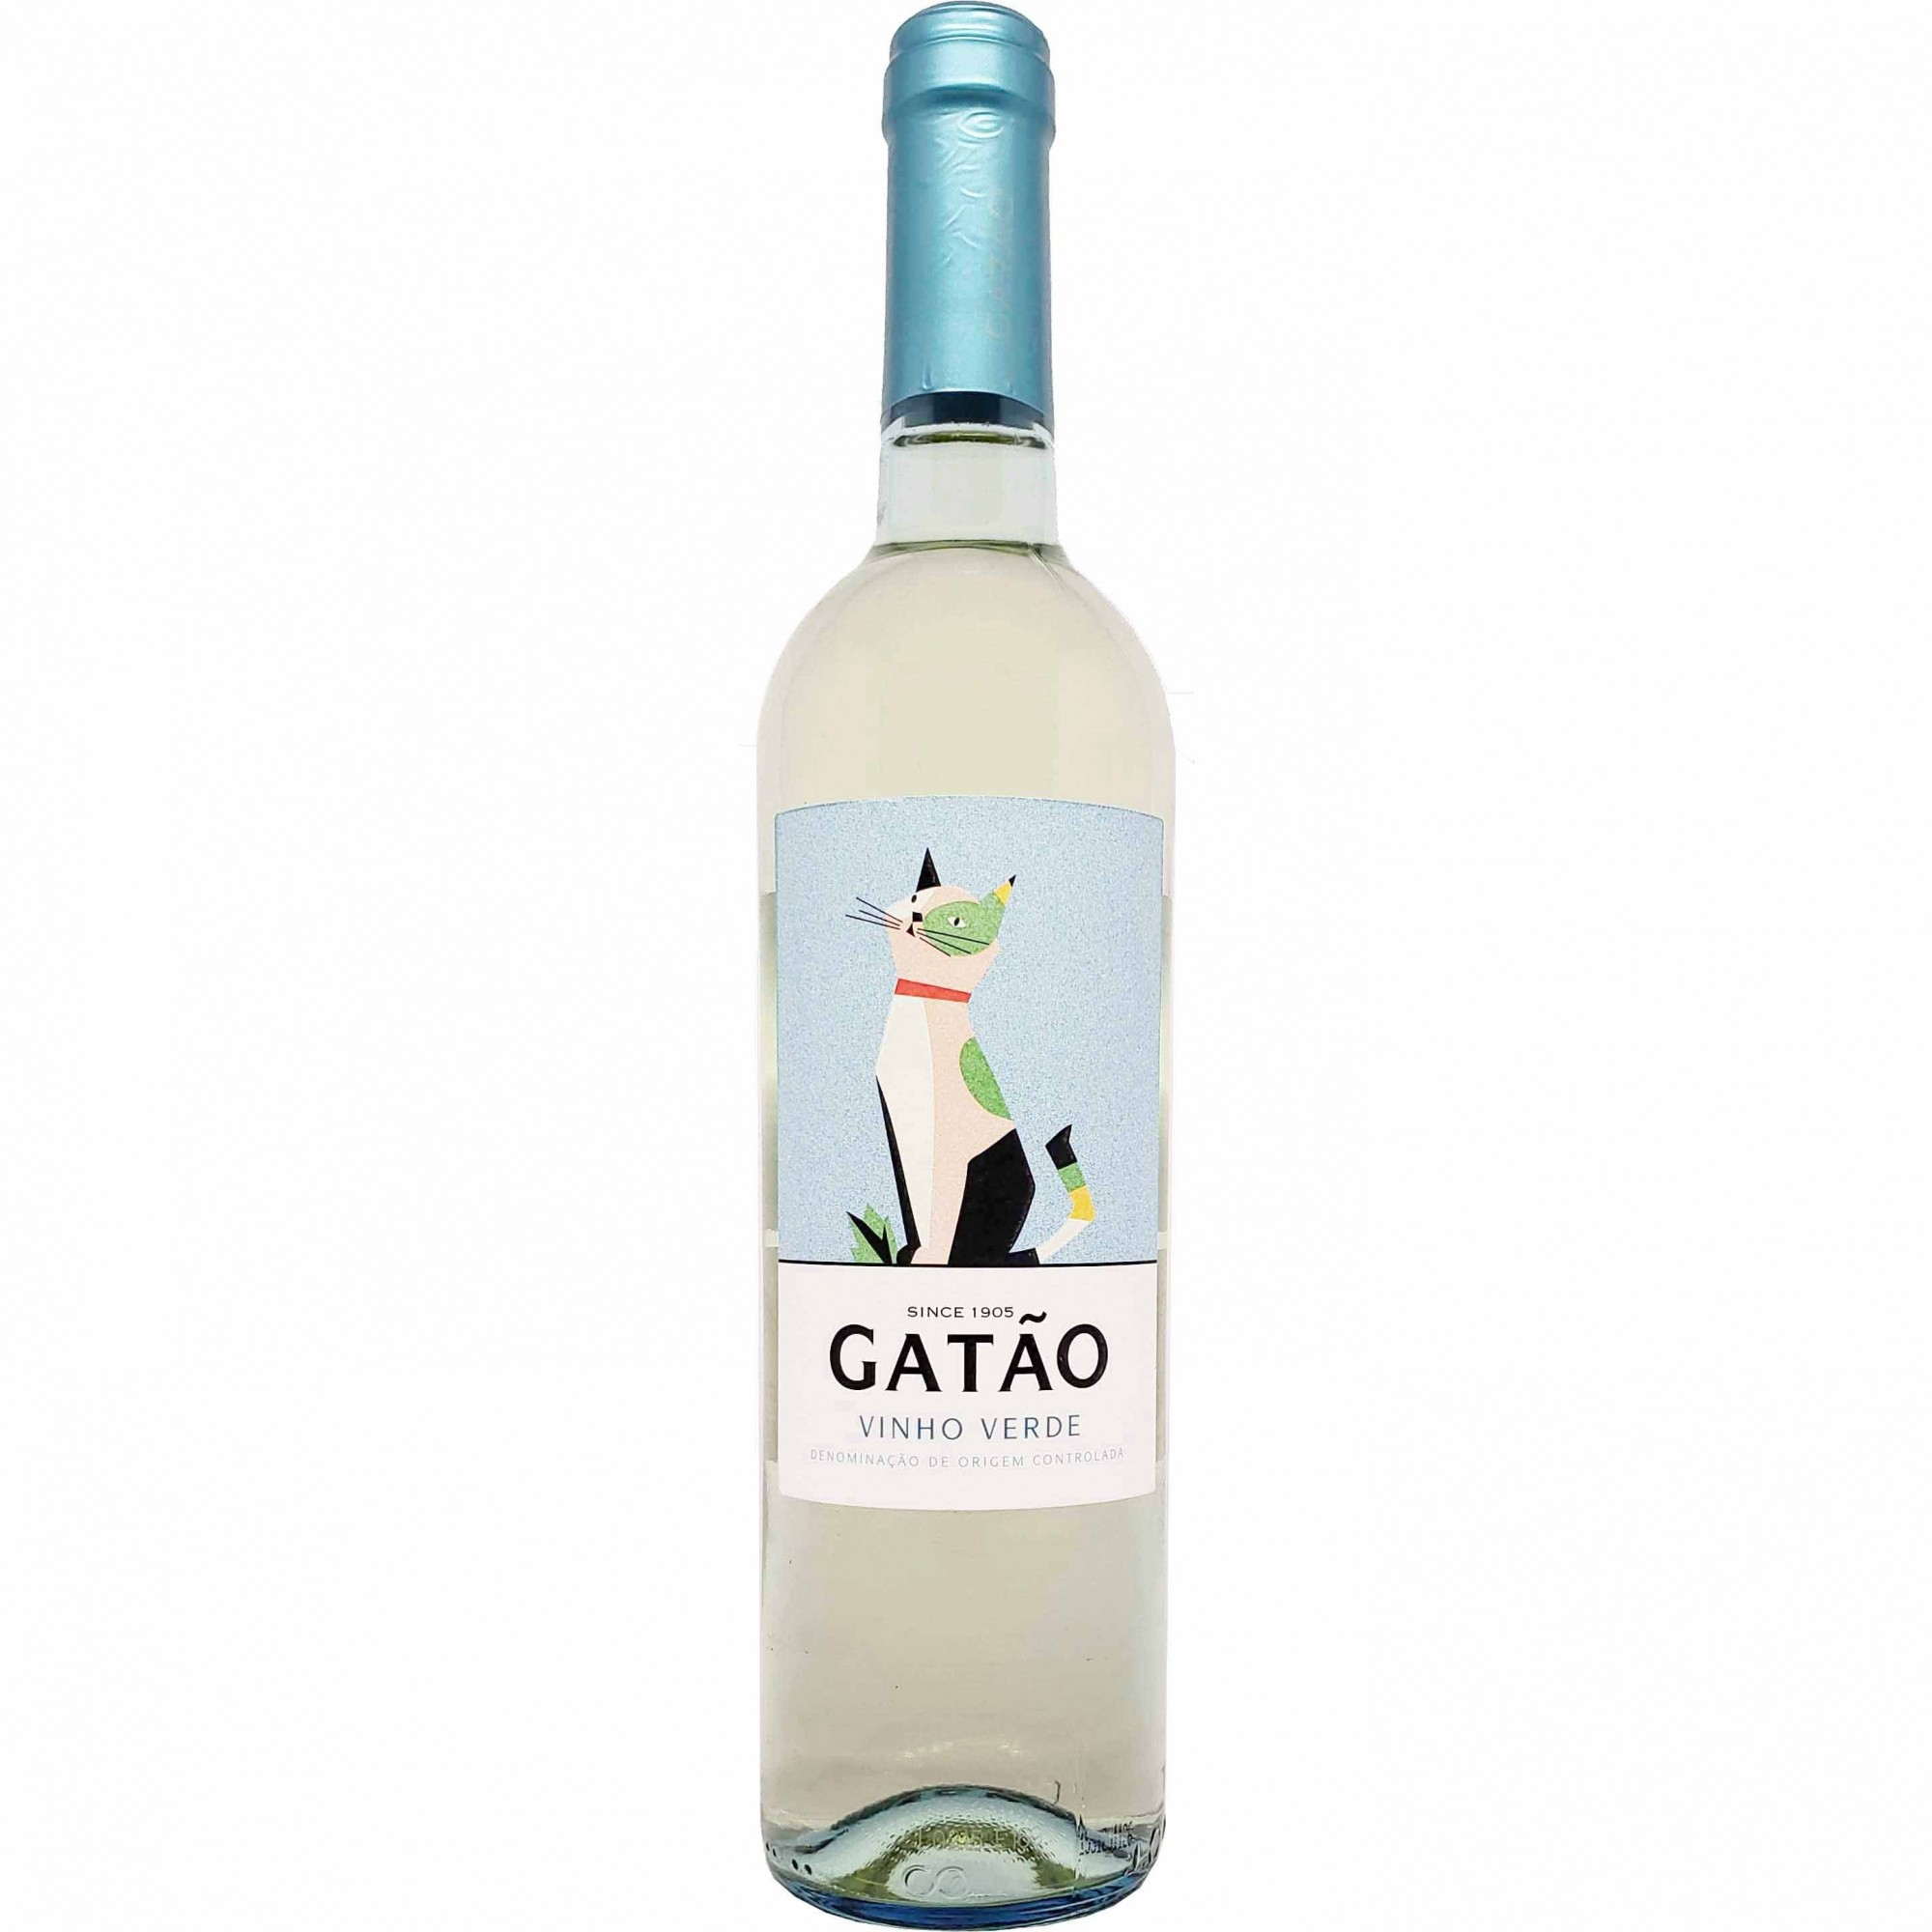 Vinho Verde Gatão DOC - 750ml -